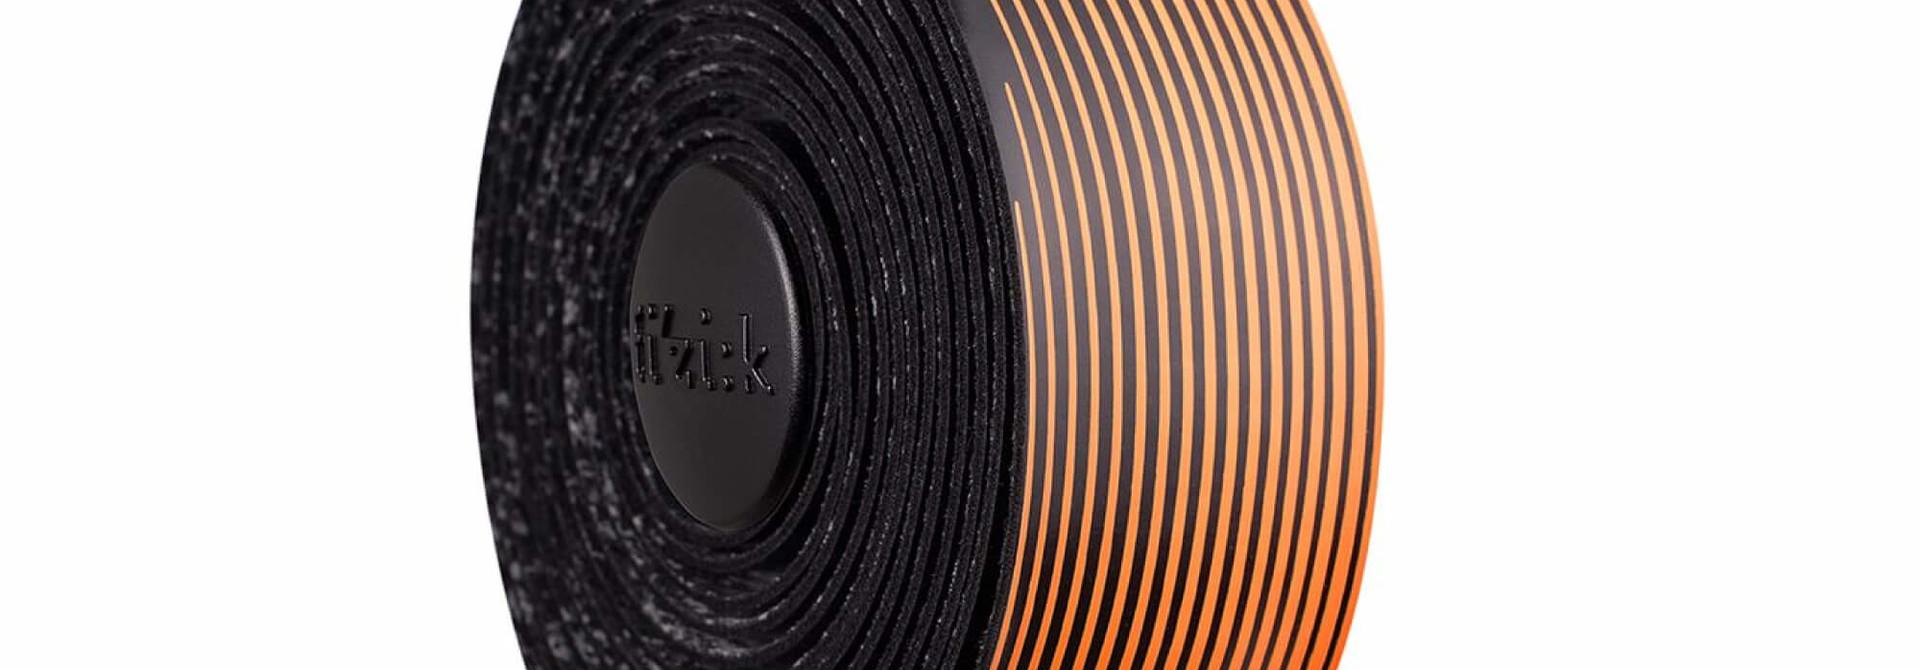 Bar Tape Vento Microtex Tacky